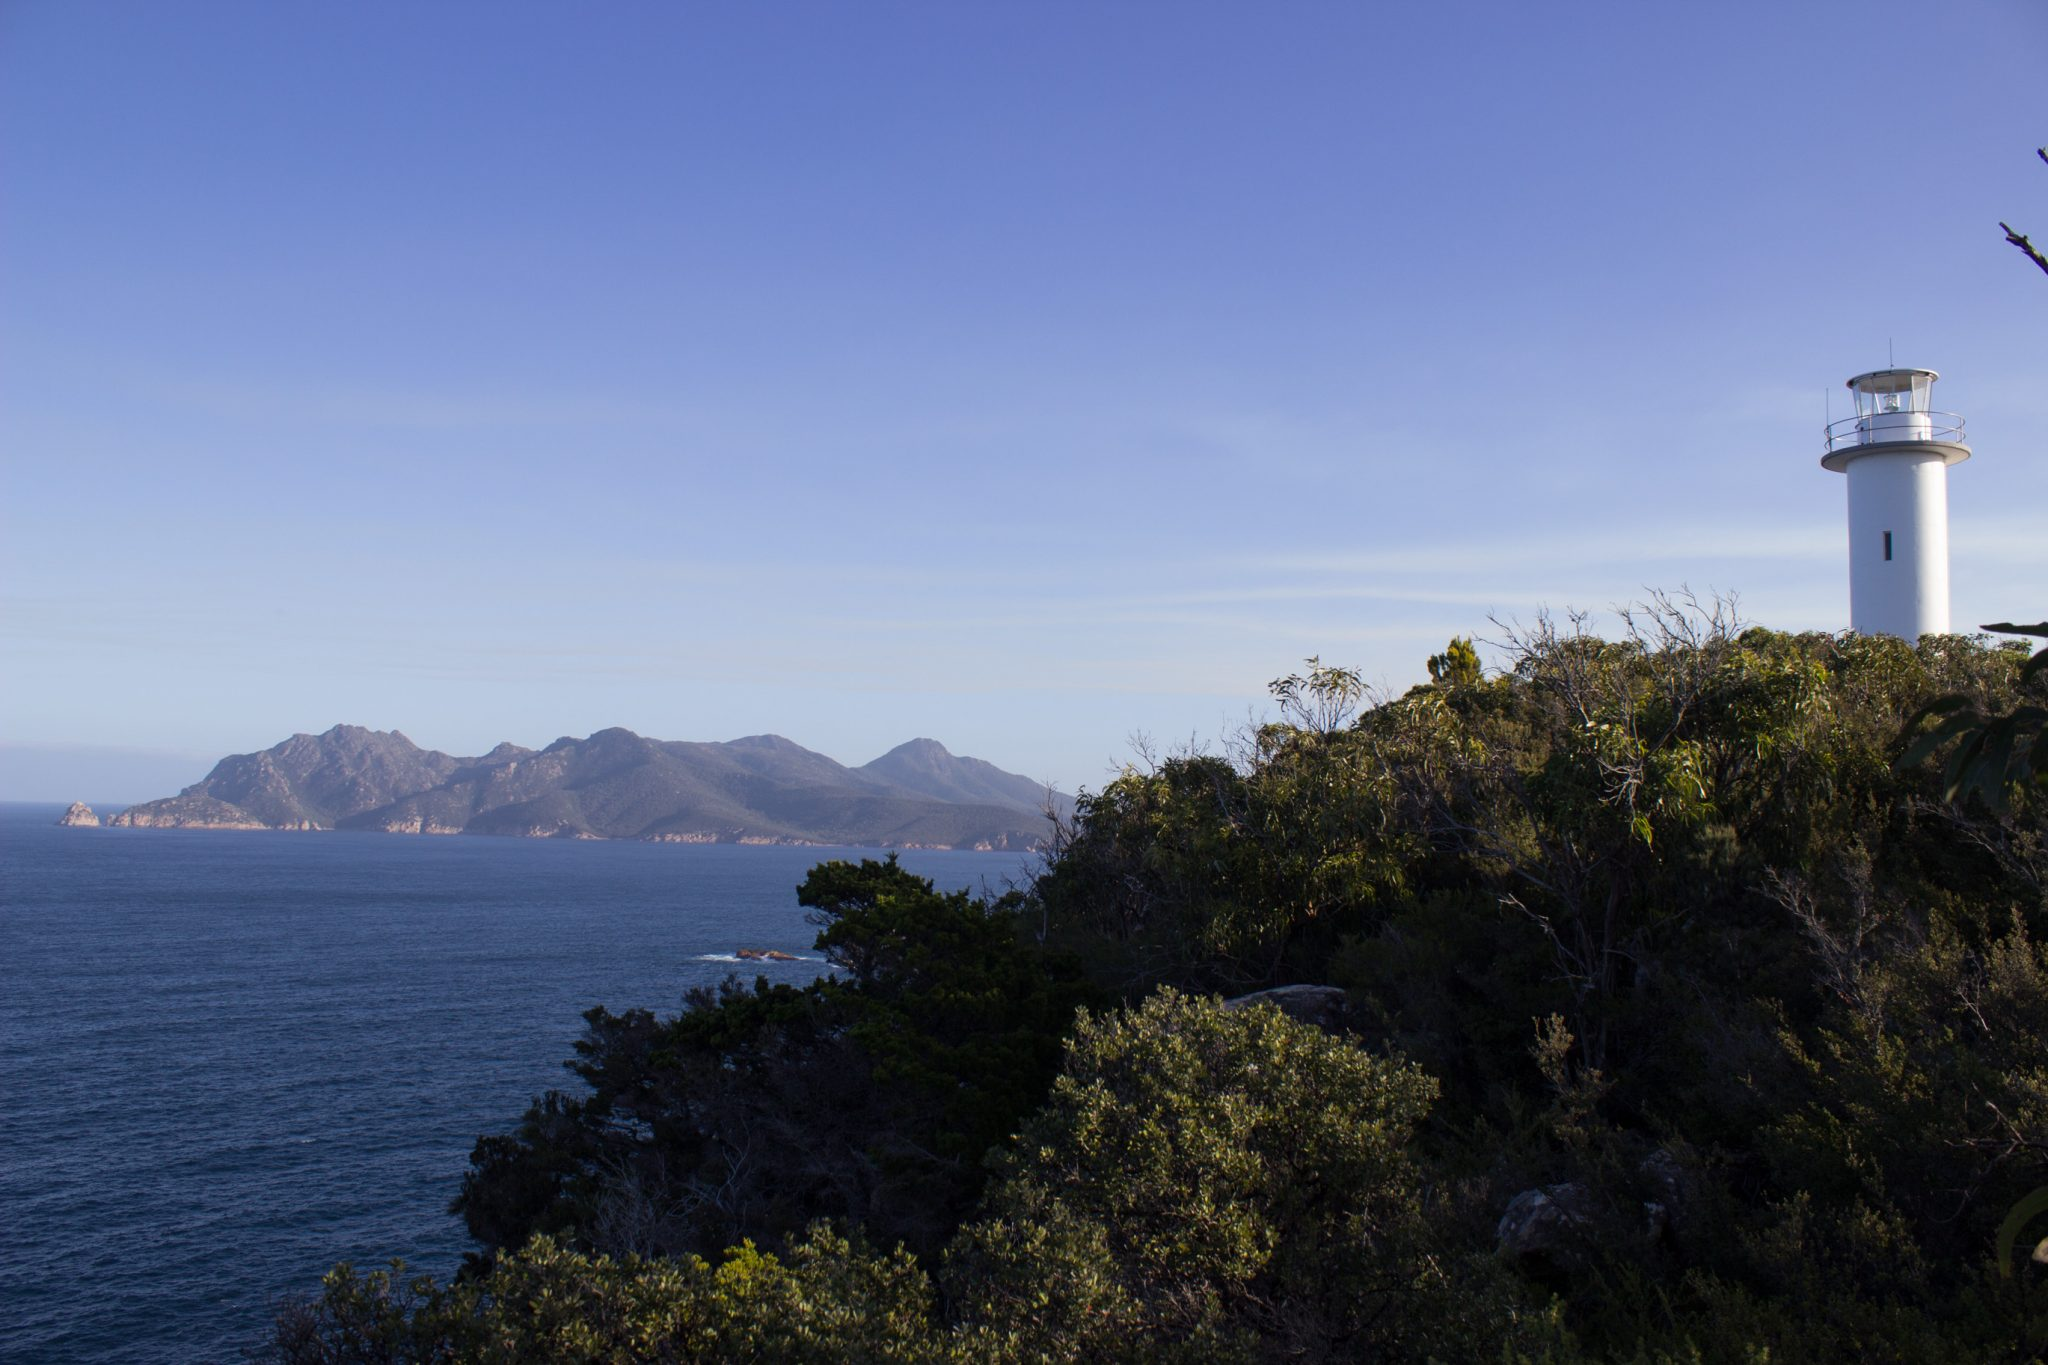 Lookout, Aussichtspunkt im traumhaften Freycinet Nationalpark in Tasmanien, saftig grüner Wald, Berge